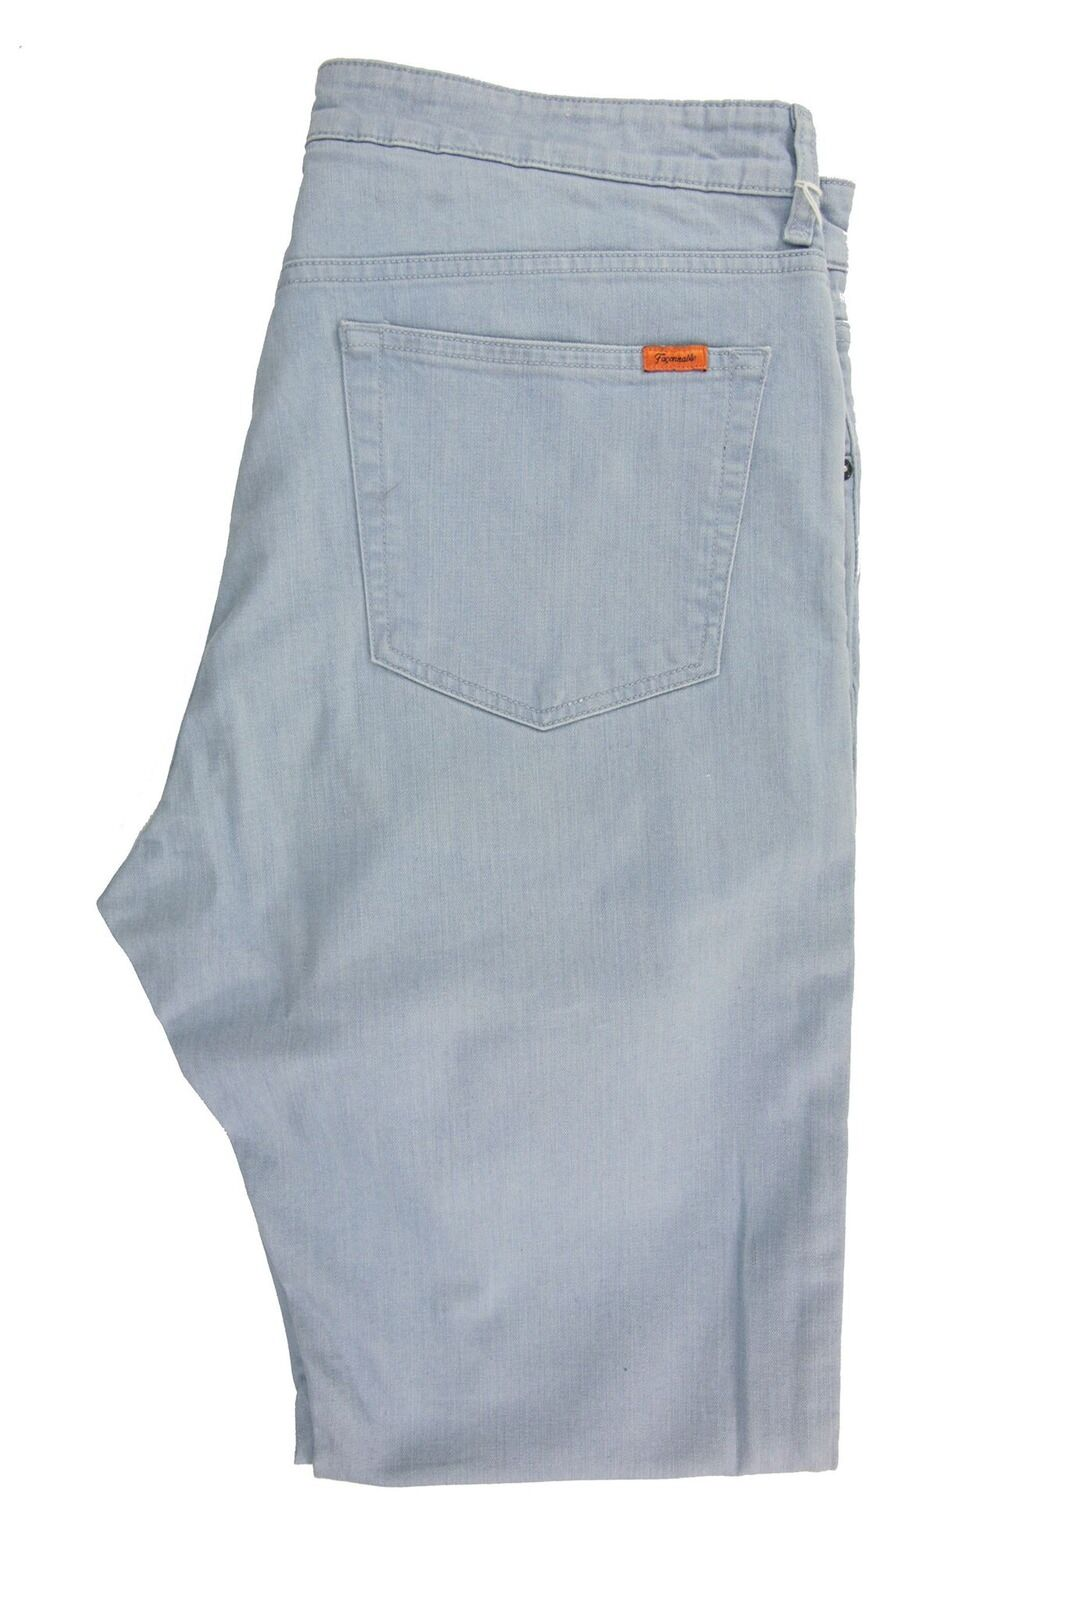 Faconnable light Blau denim jeans Größe 40  139 DV4    Einzigartig    Kaufen Sie online    Ausgezeichnet (in) Qualität